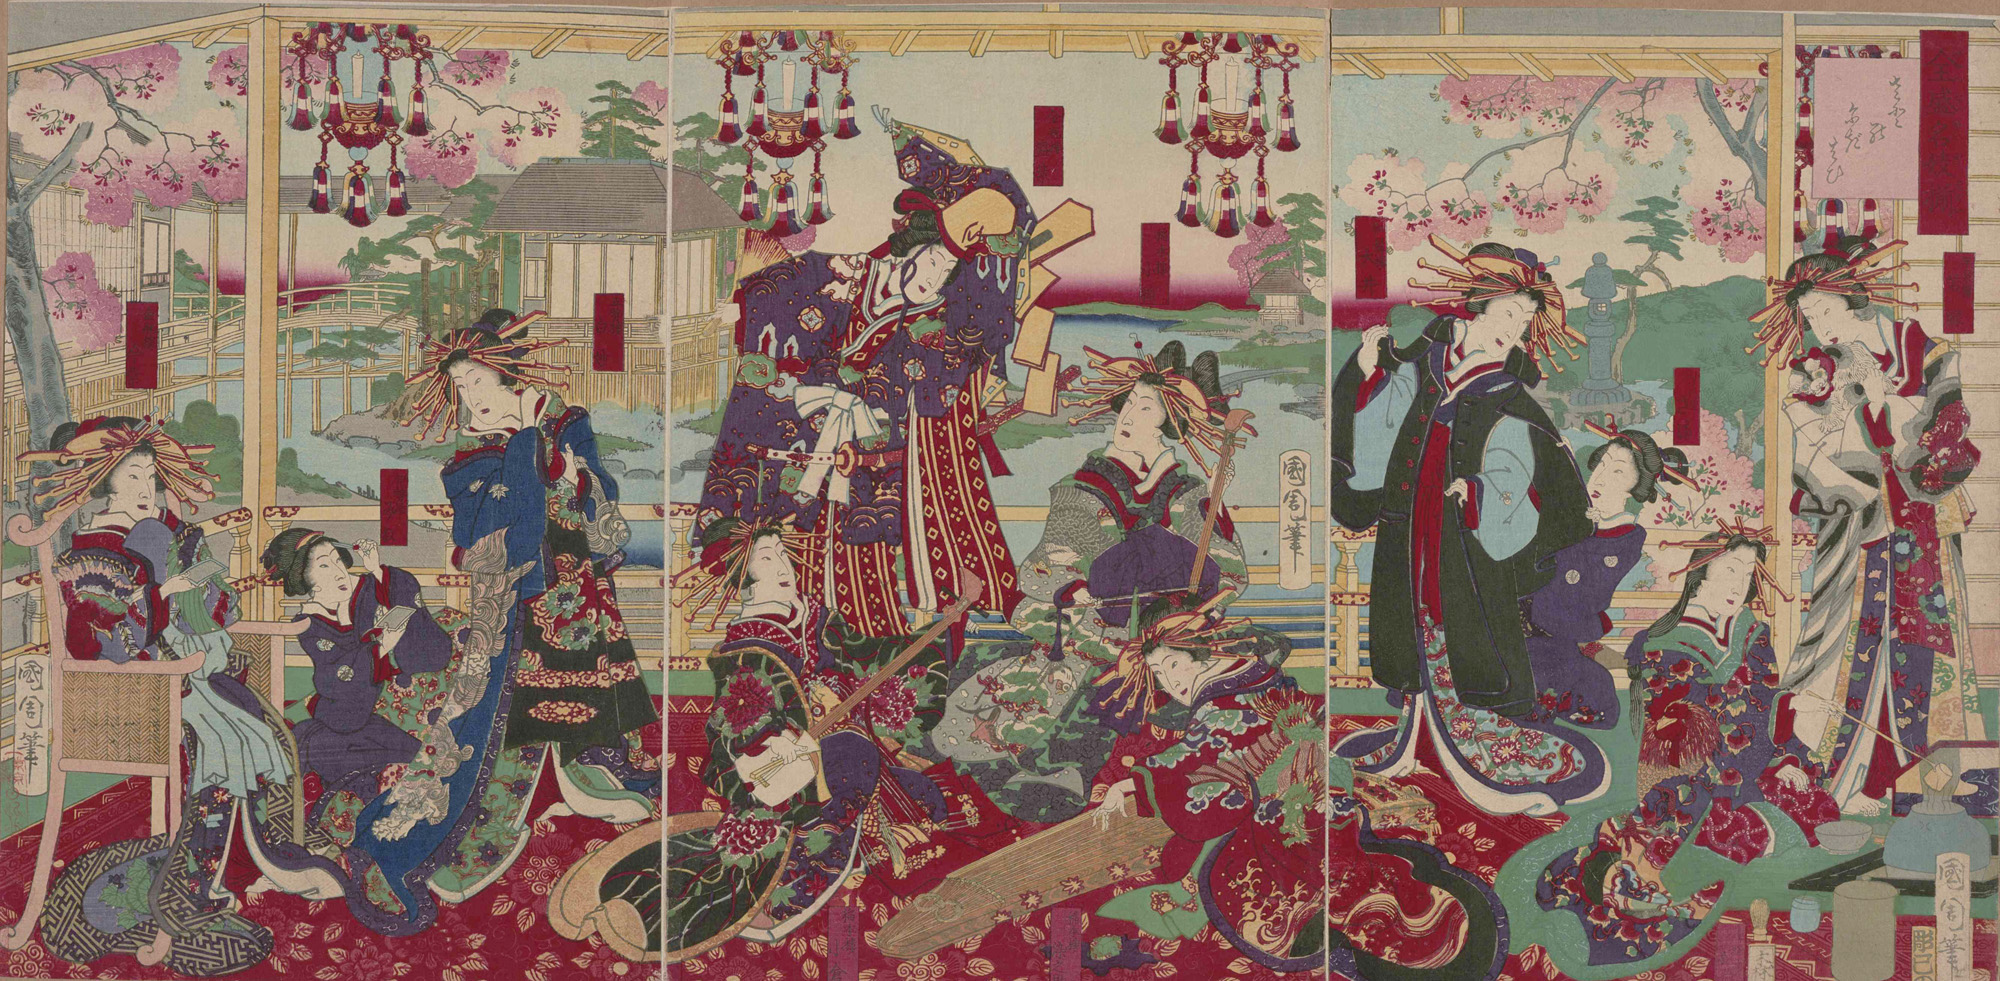 全盛名妓揃 画:豊原国周 東京都立中央図書館特別文庫室所蔵